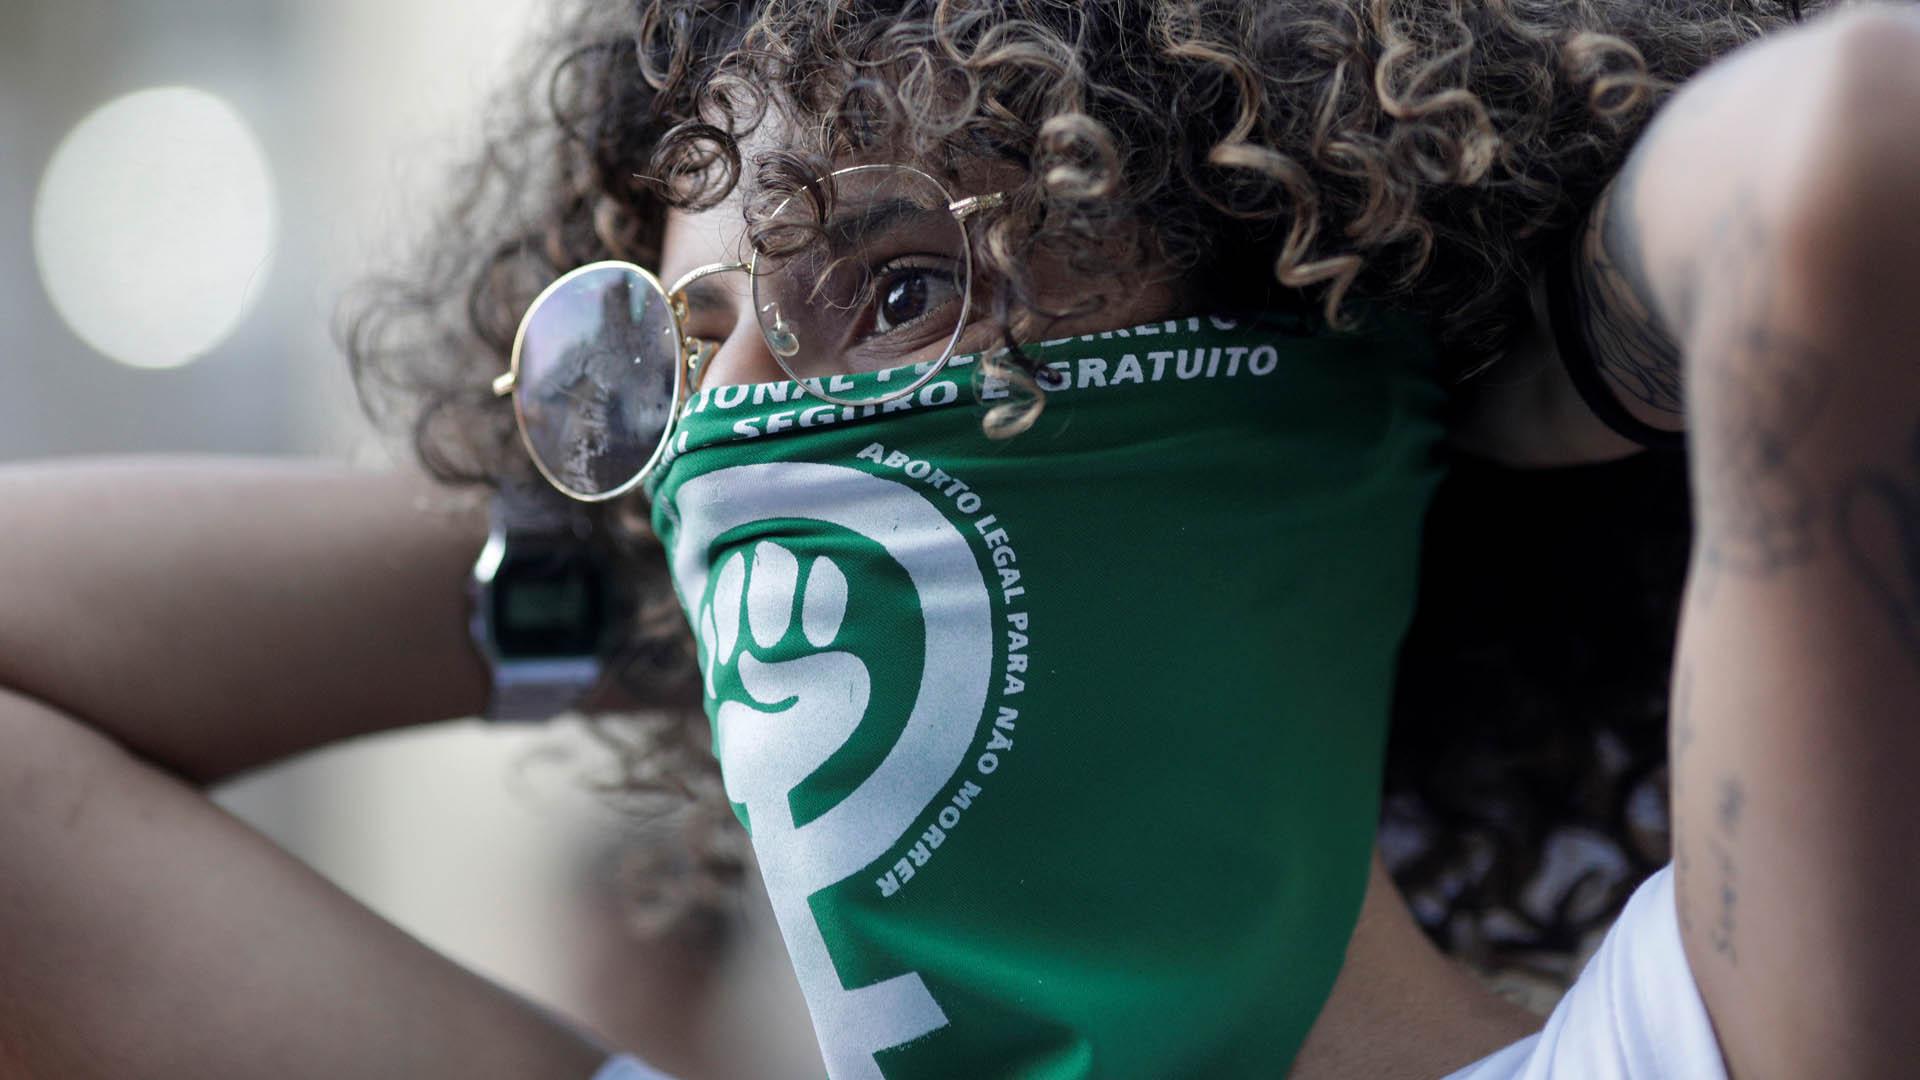 El aborto de una niña brasileña de 10 años violada por su tío reaviva una disputa nacional